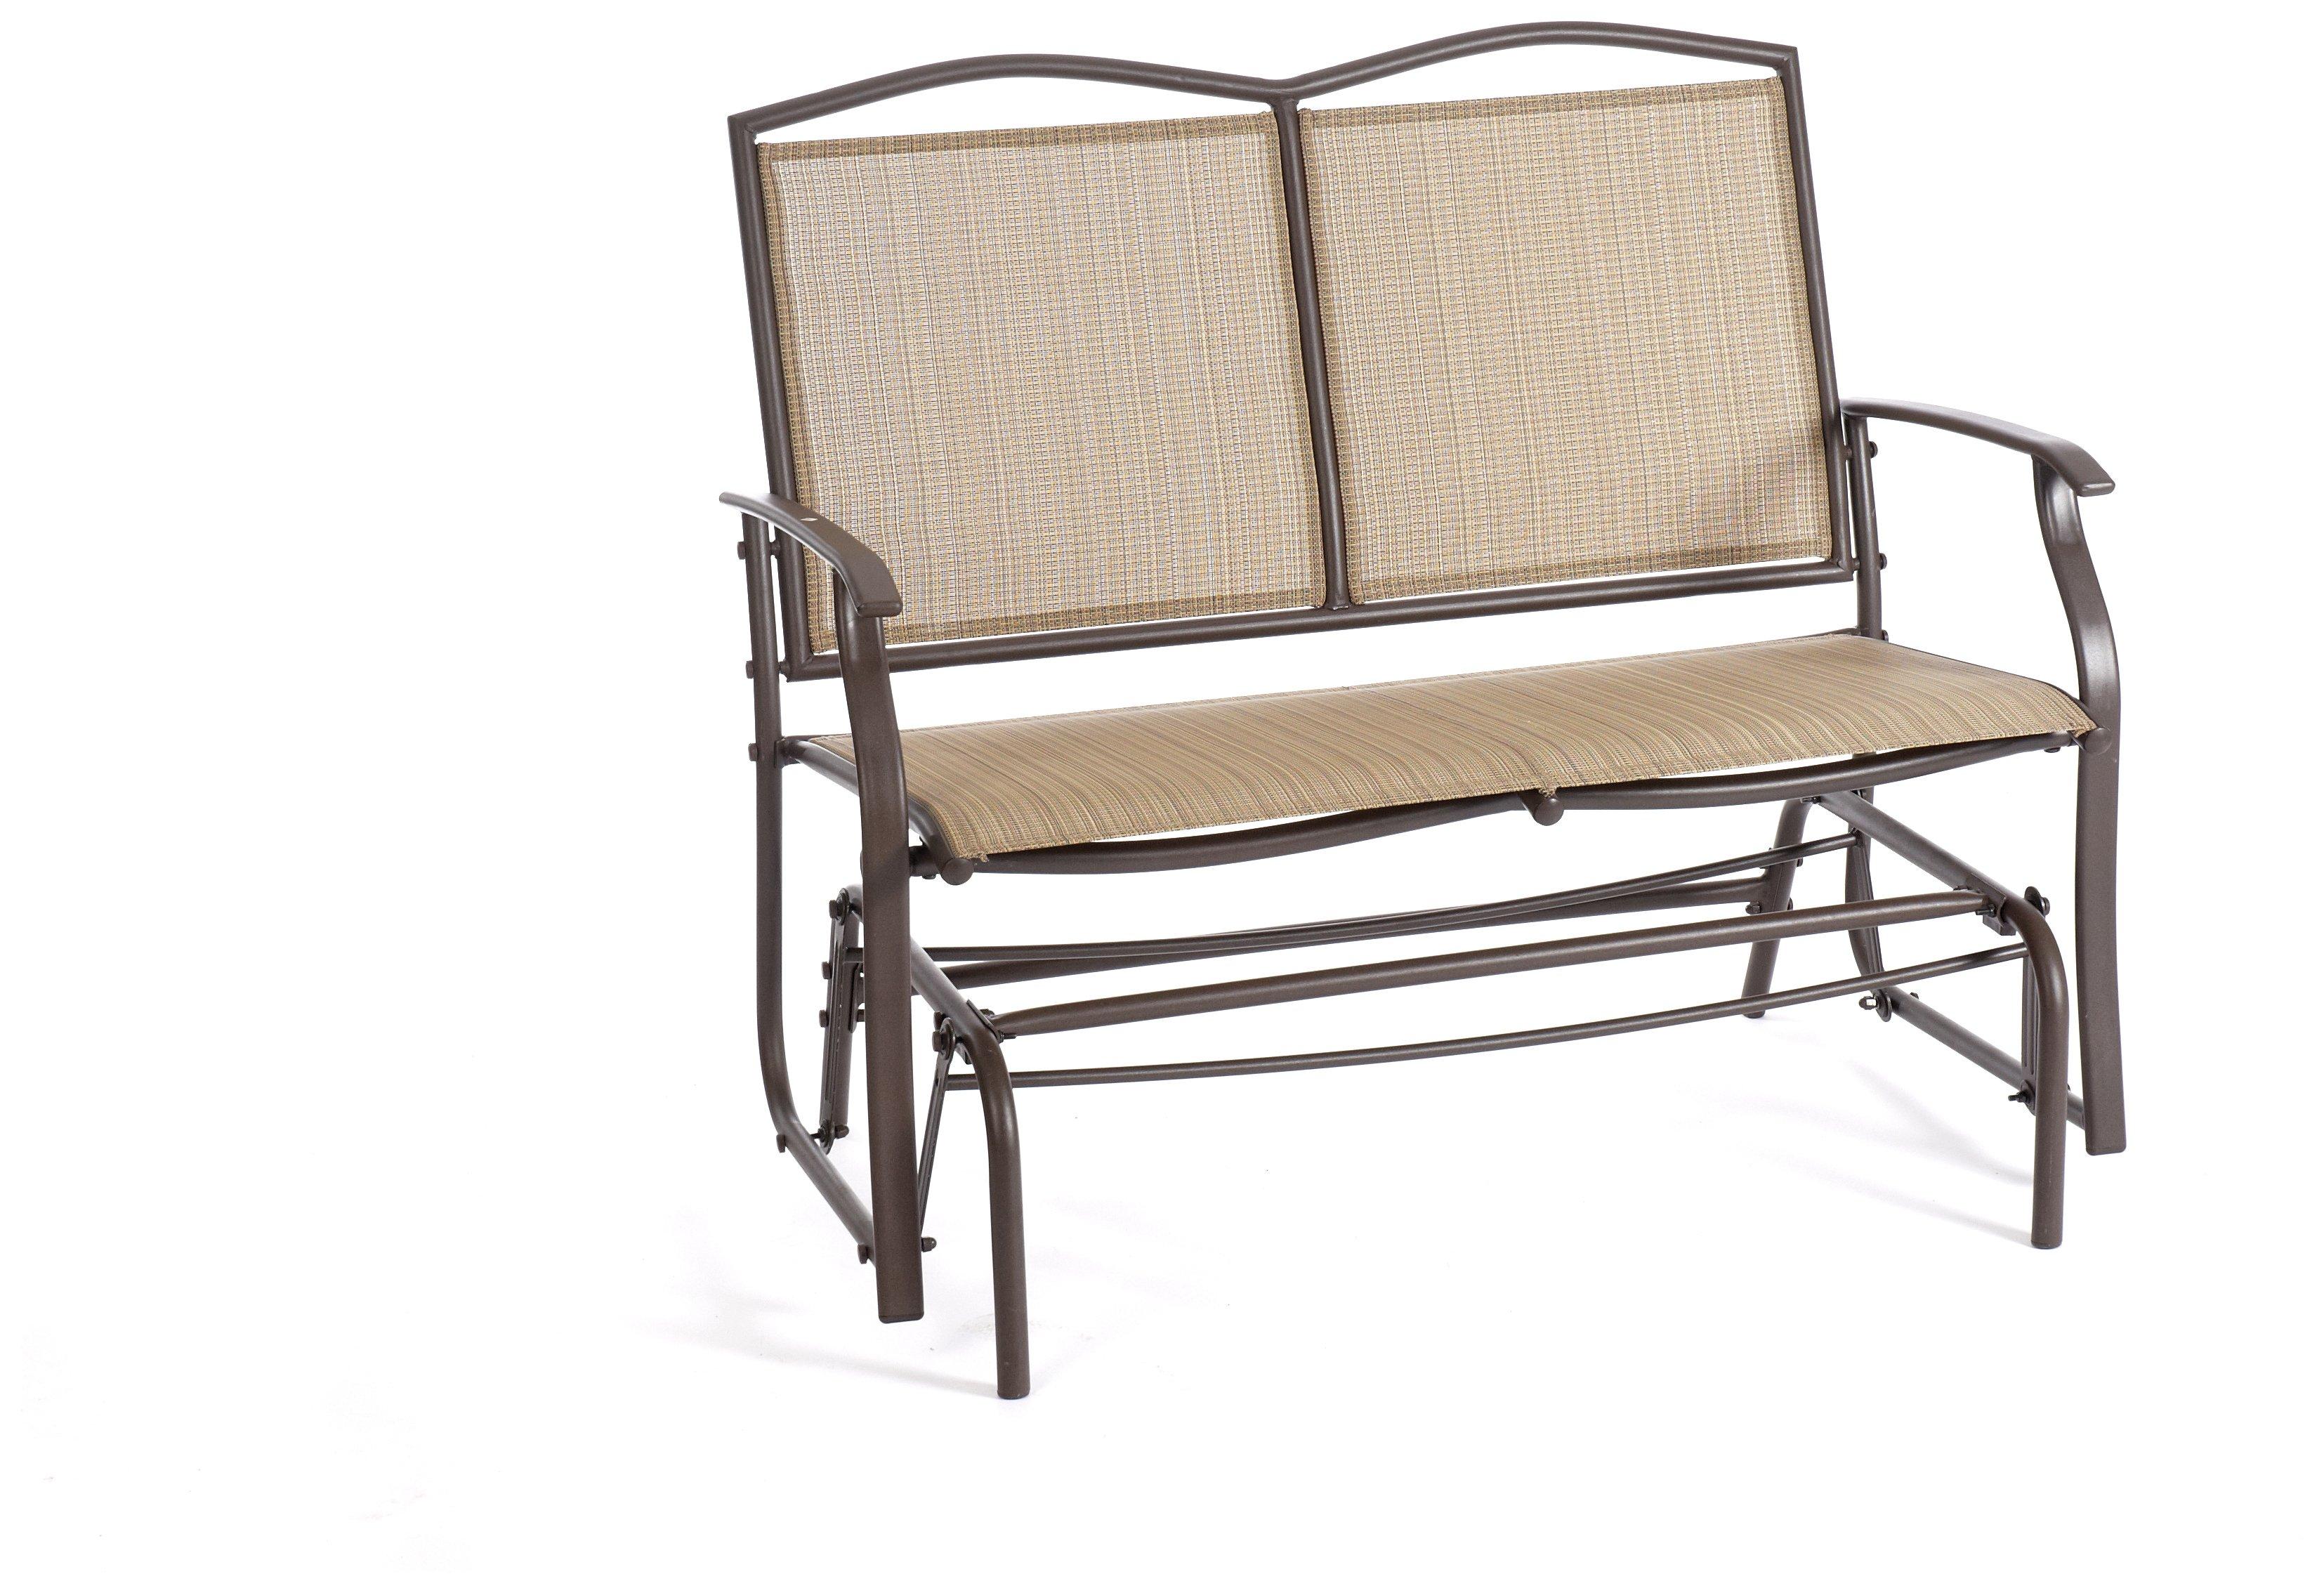 Argos Garden Bench: Buy Greenhurst 2 Seater Glider Bench At Argos.co.uk